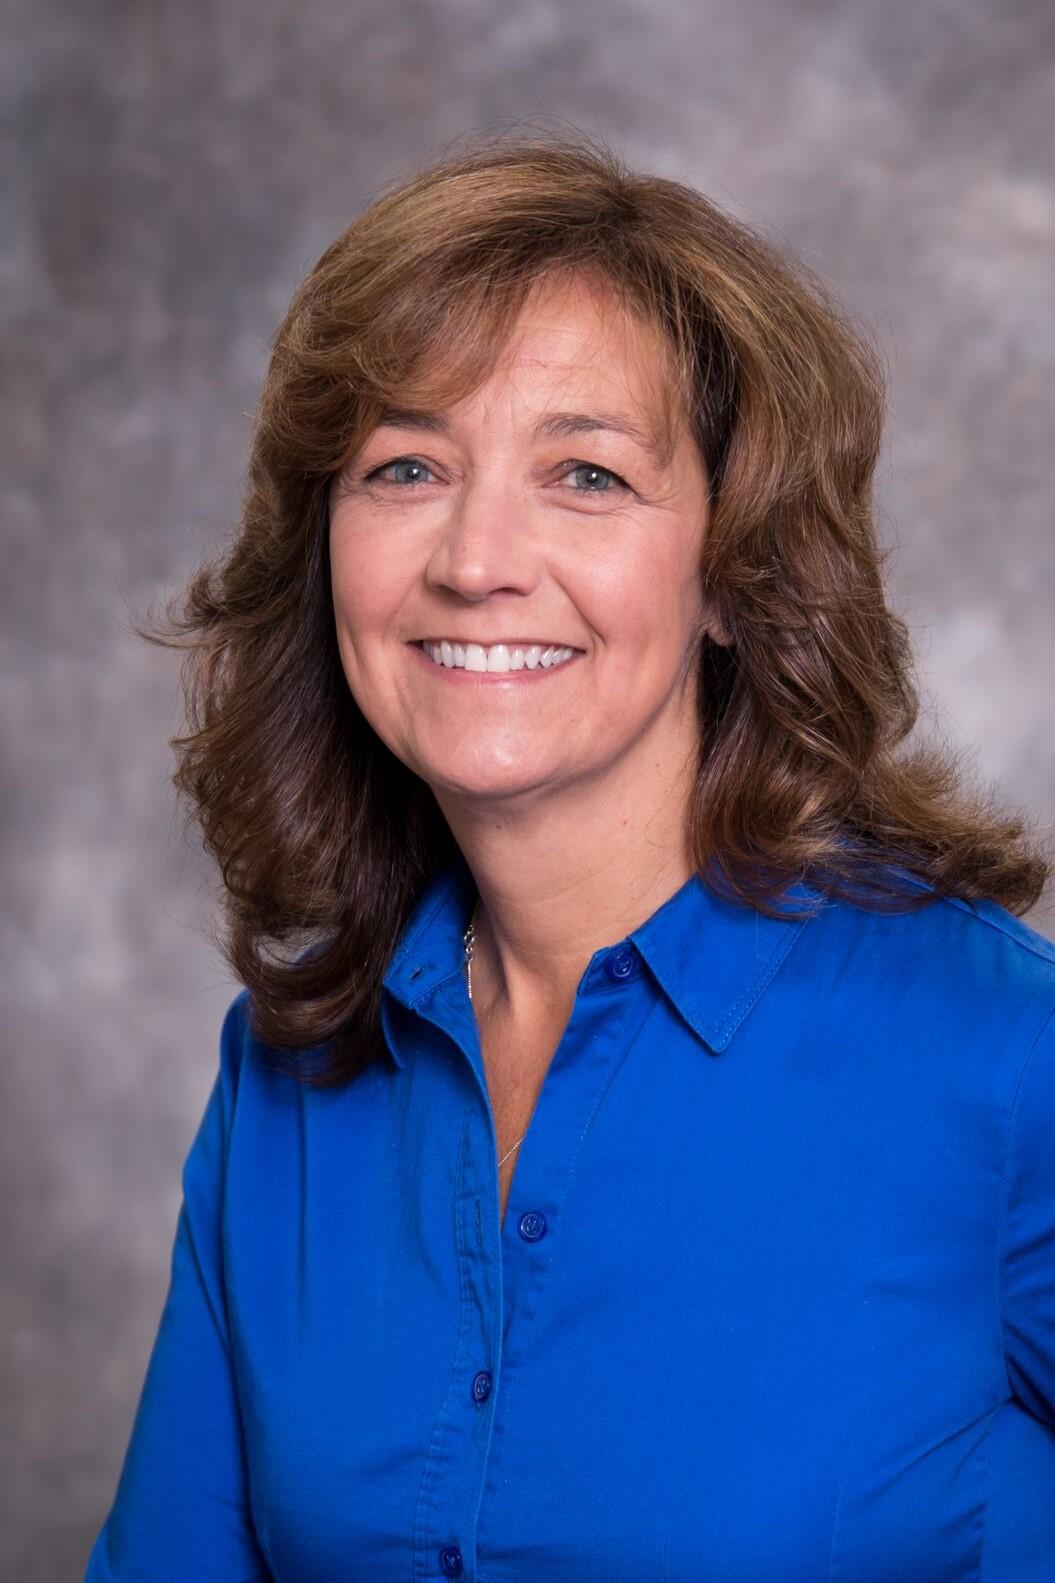 Tracy Hageman